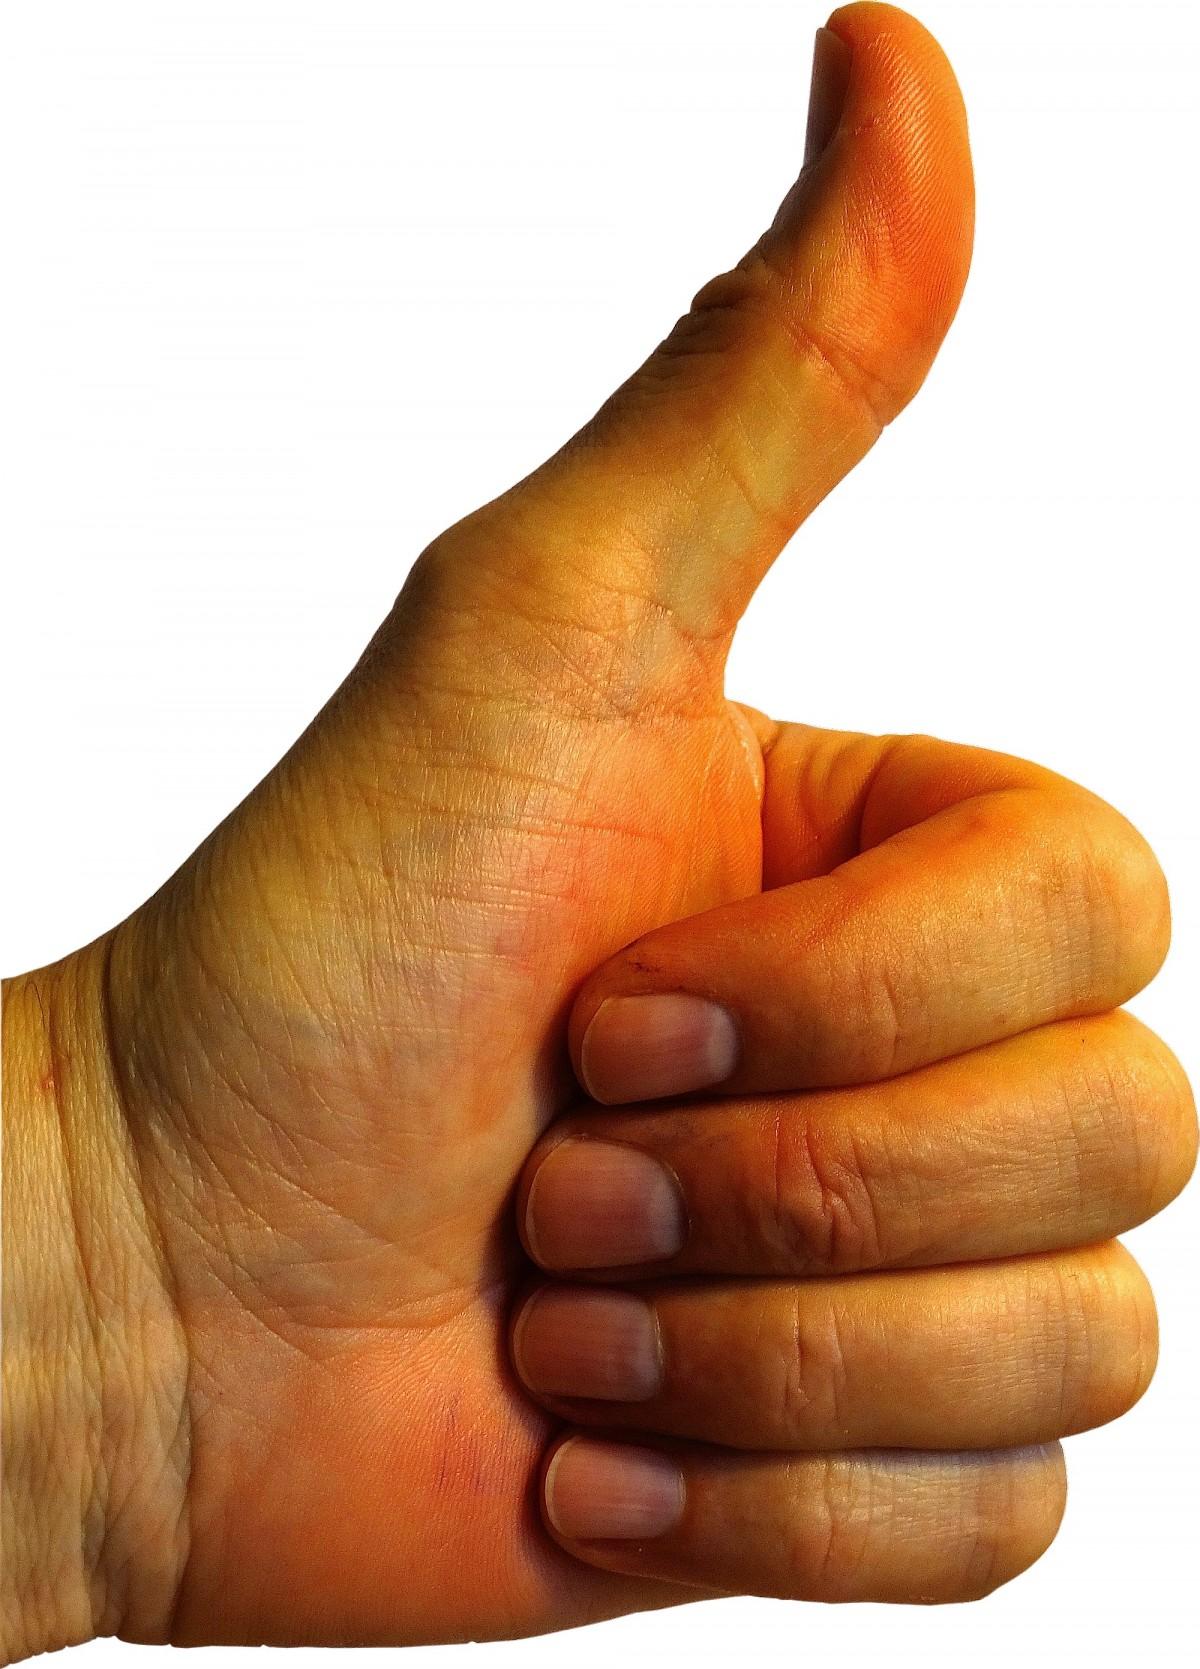 картинки руки с большим пальцем вверх ворон